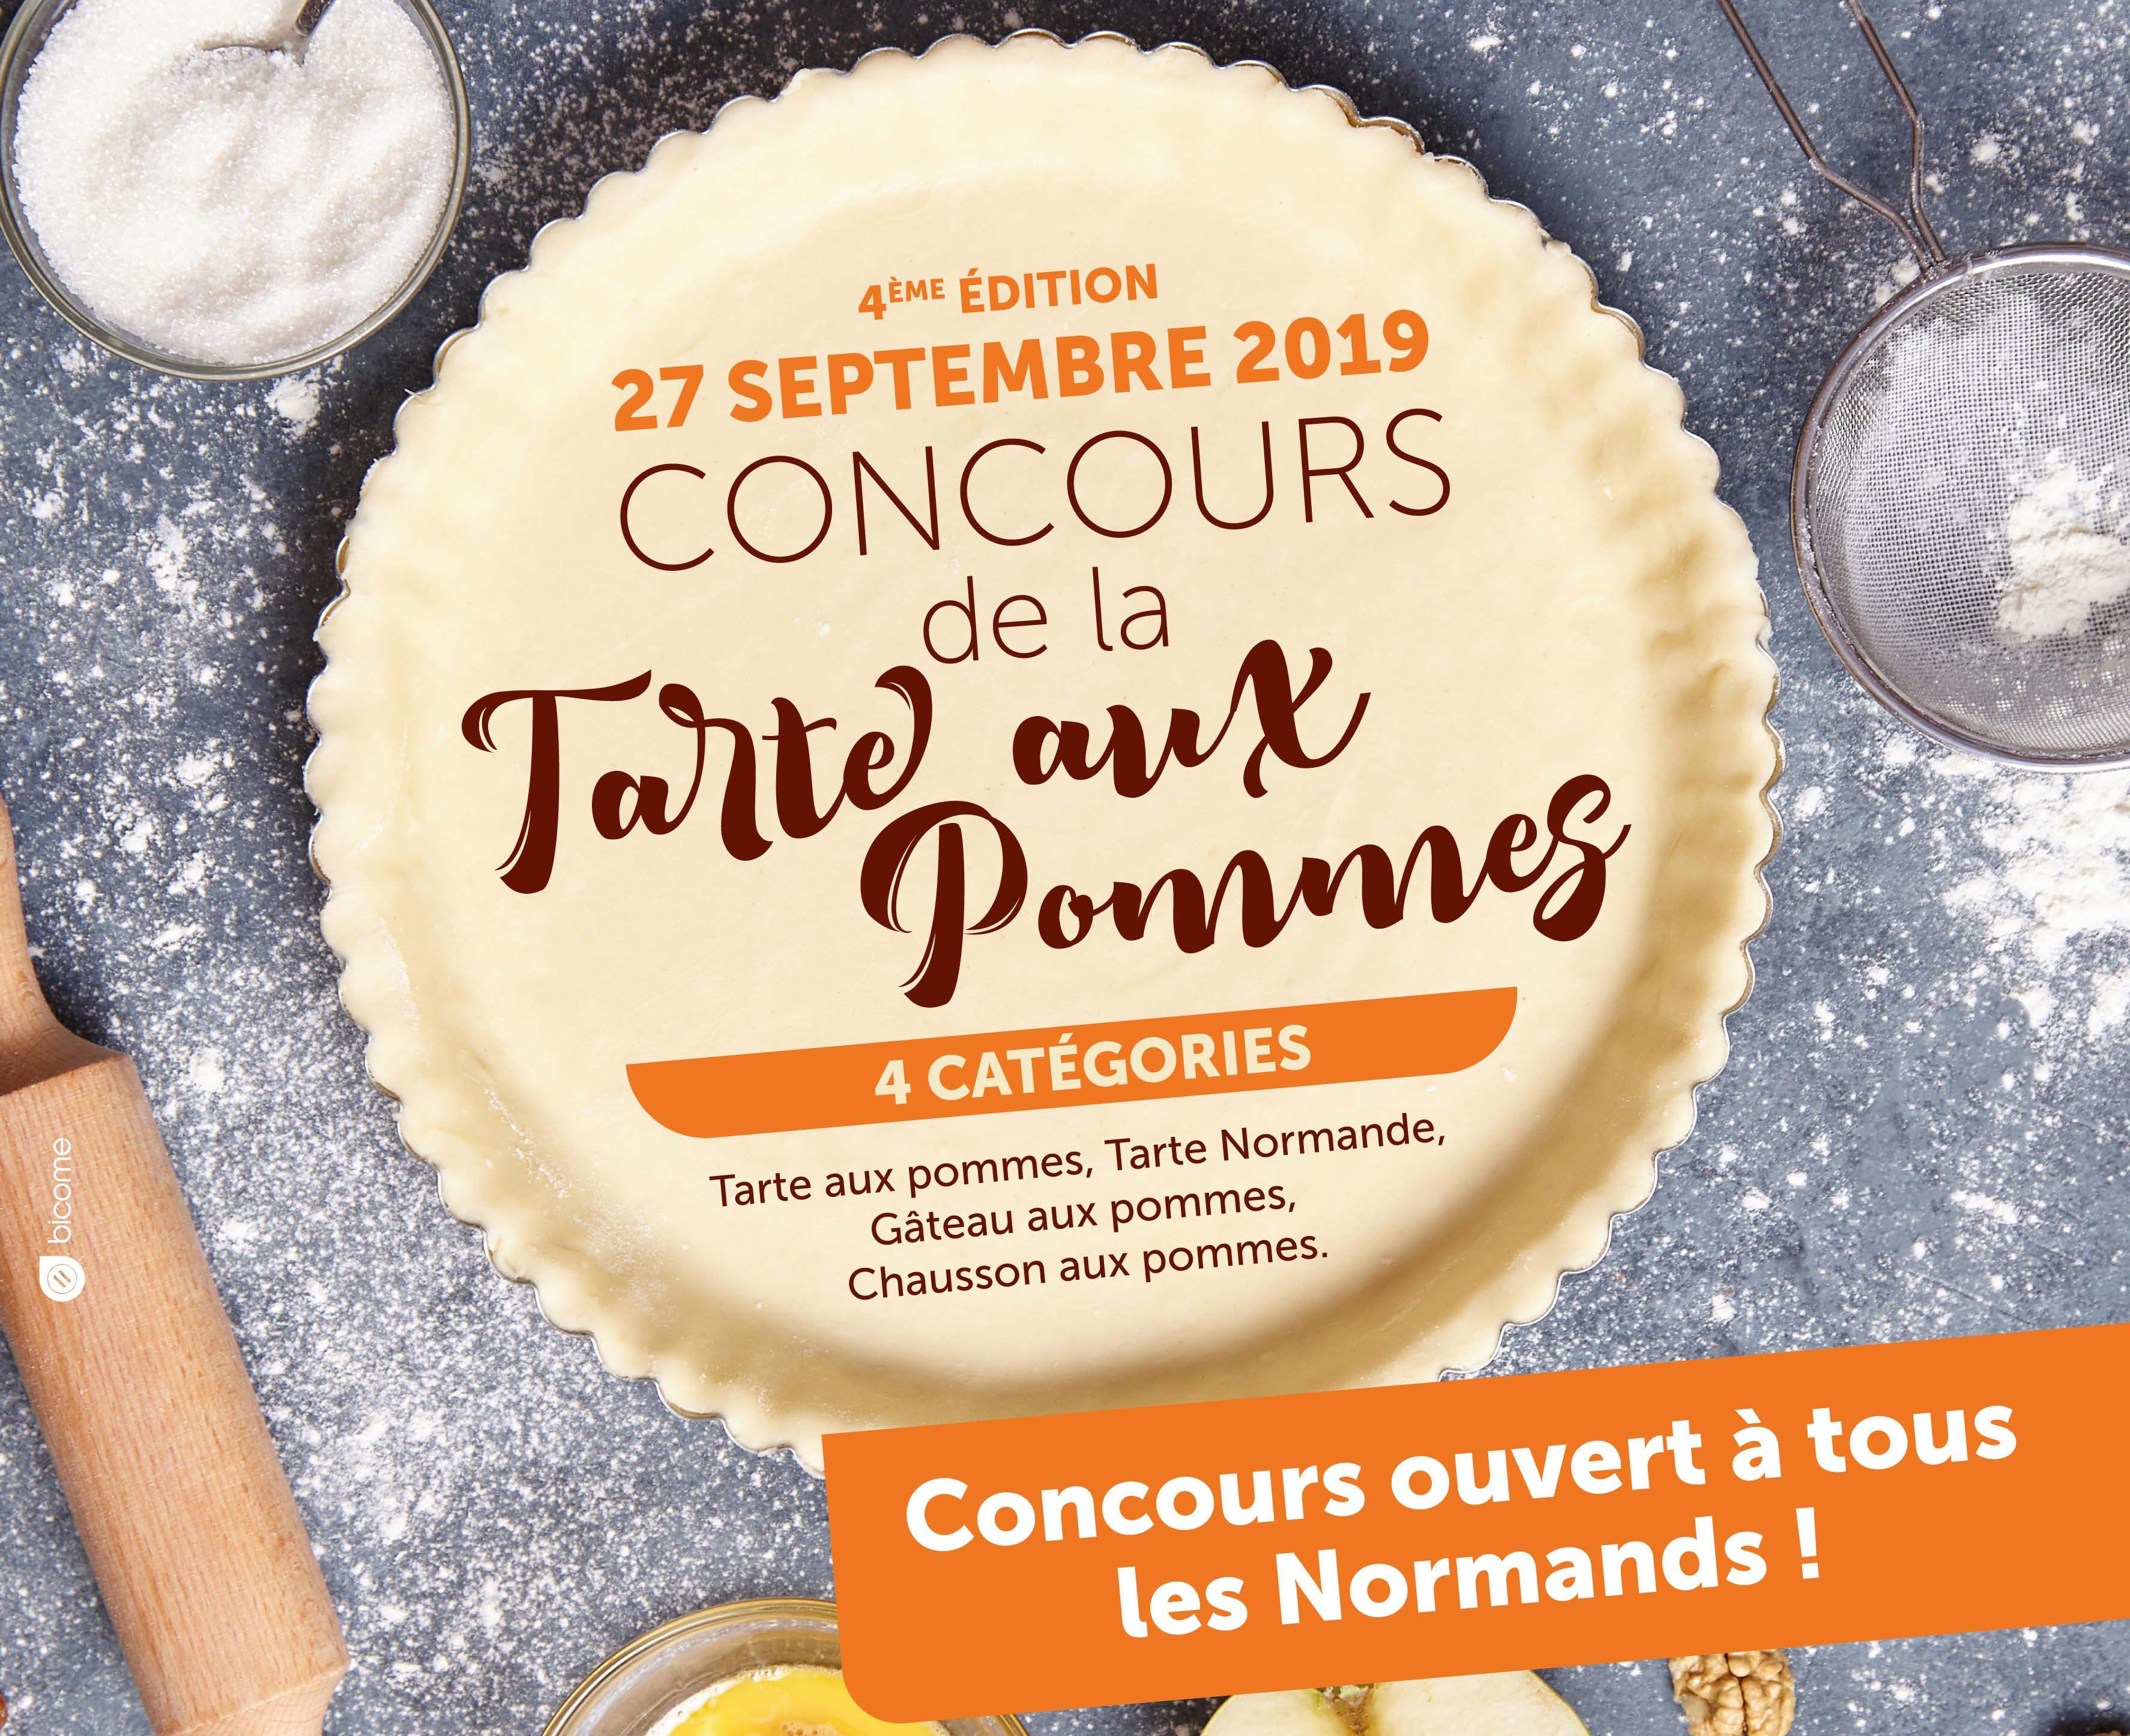 Concours de la Tarte aux pommes de Rouen